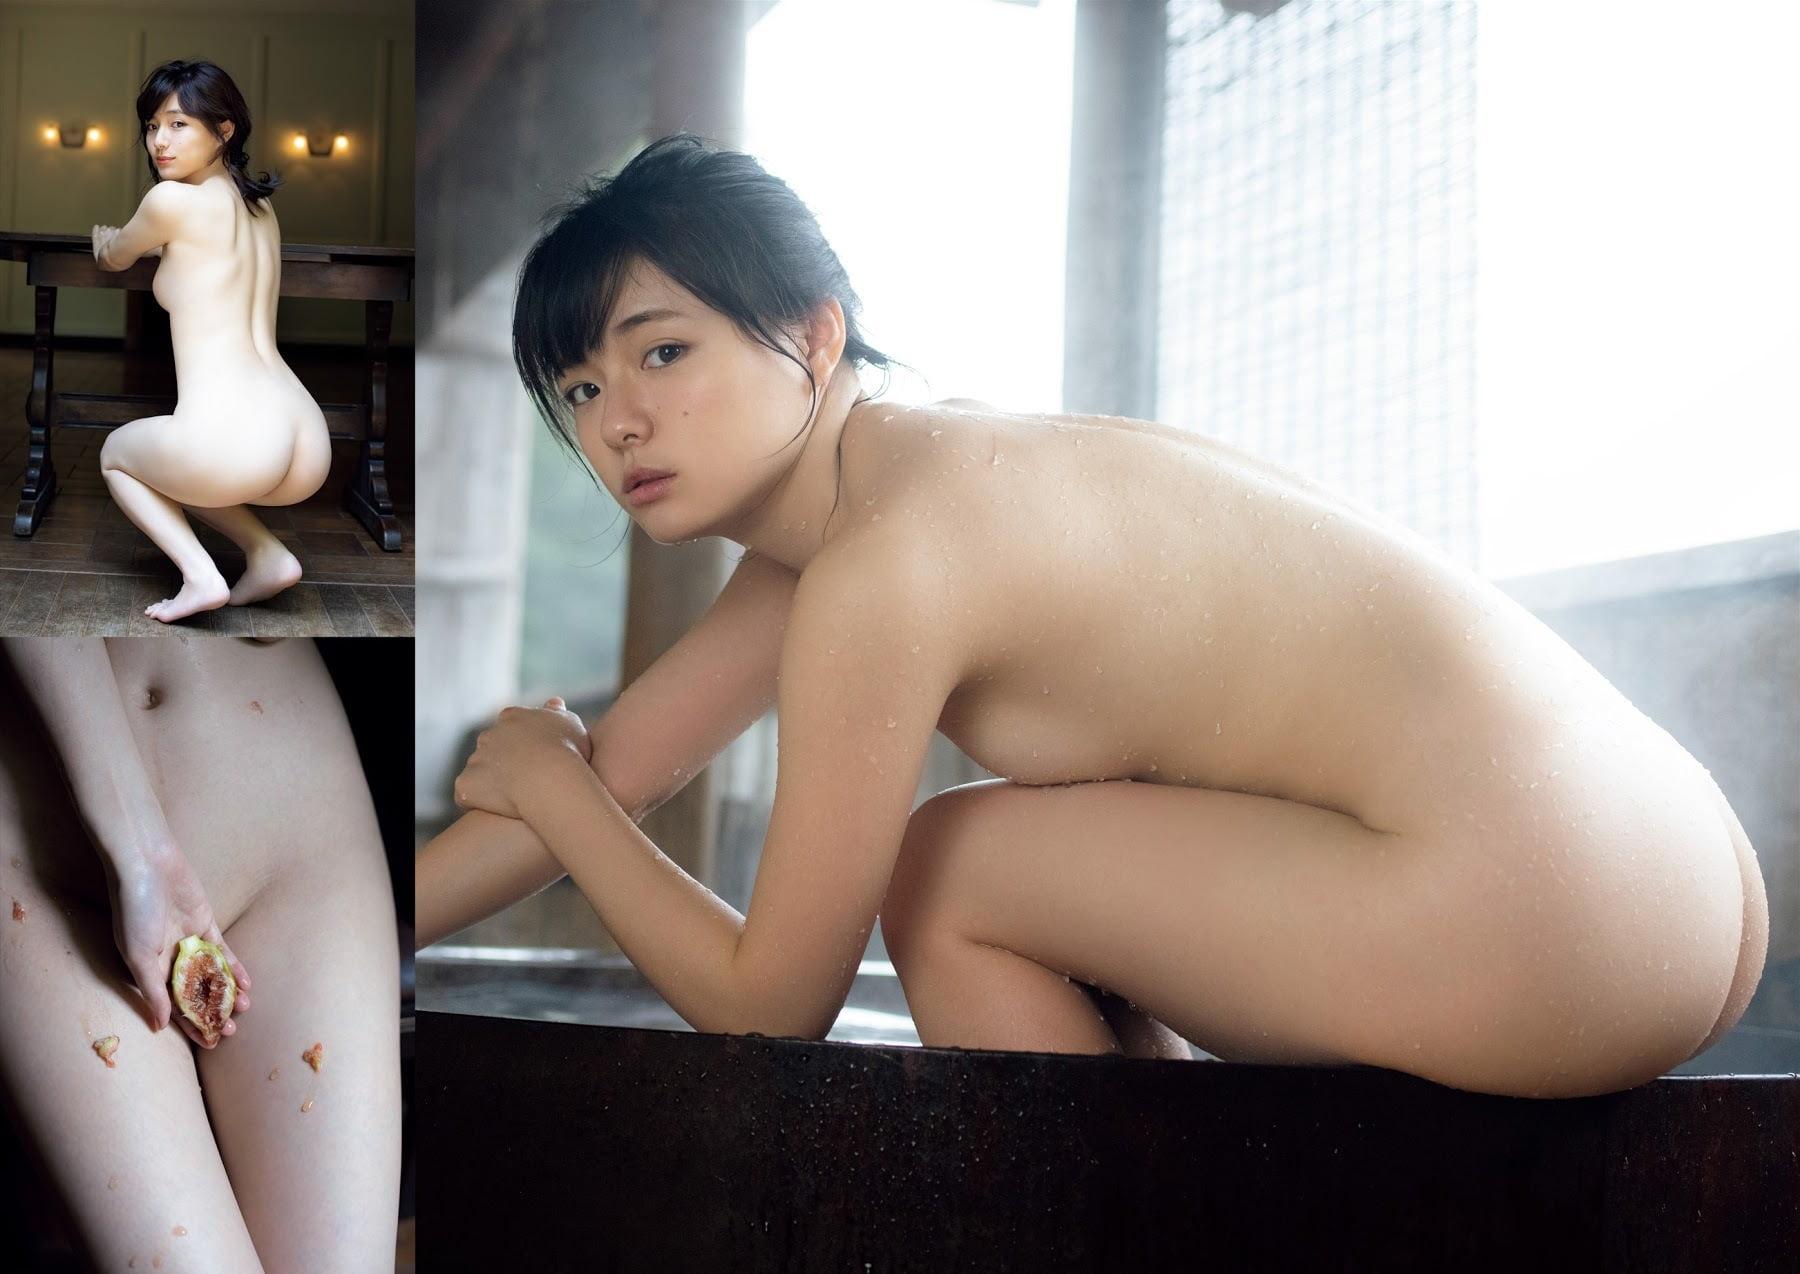 グラビアアイドル画像|グラドルの葉月つばさちゃんのグラビア・水着画像まとめパート5 100枚